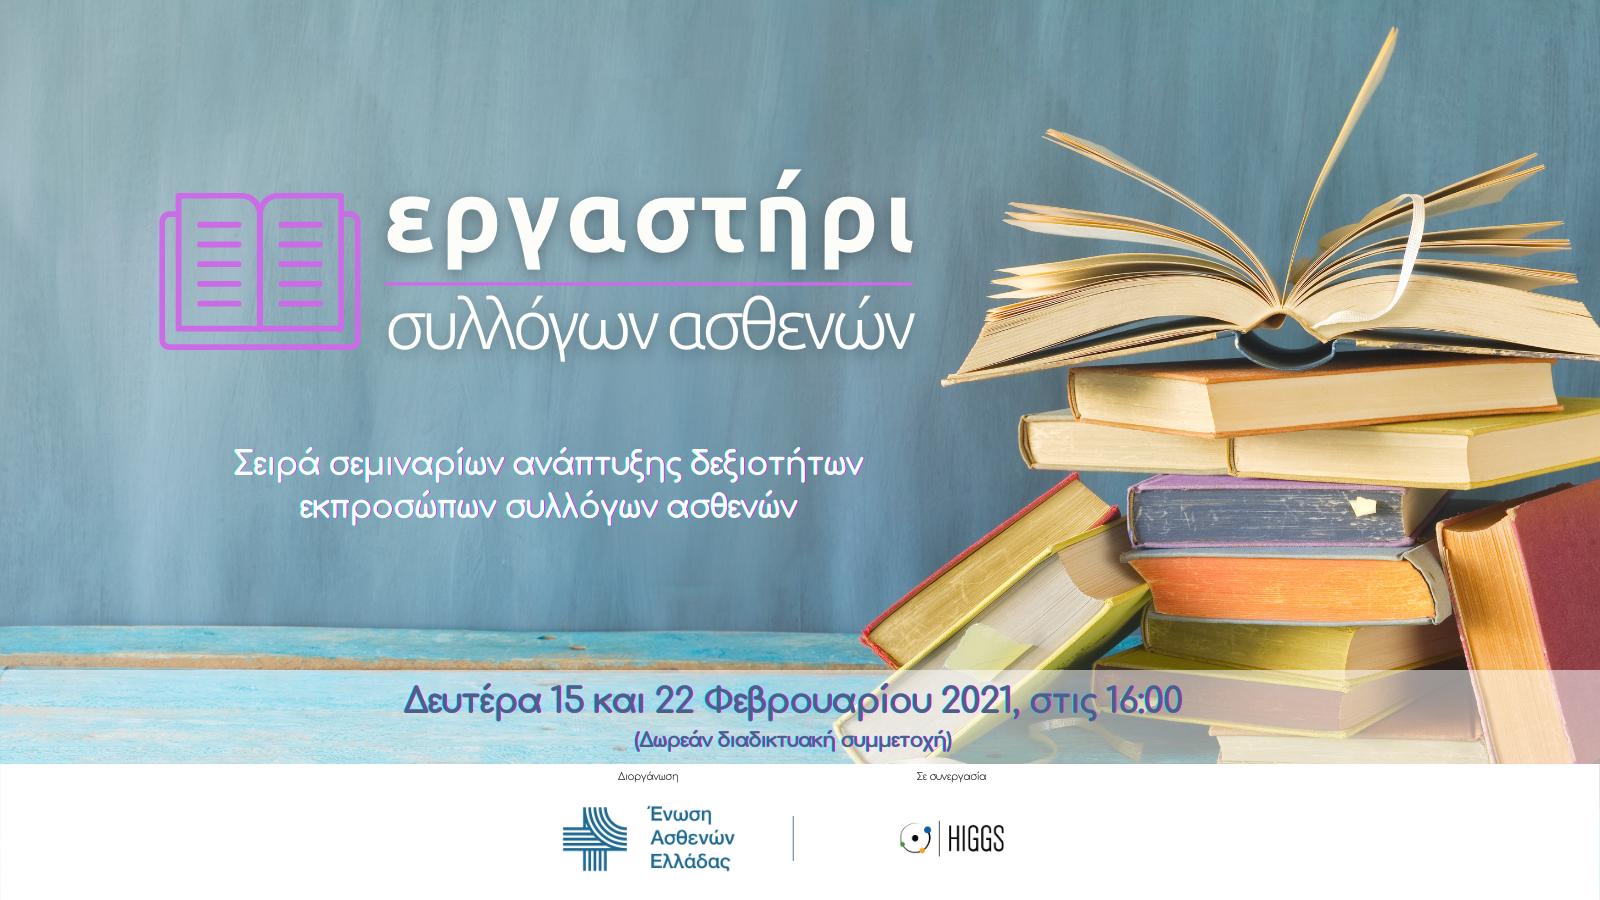 Σεμινάρια ανάπτυξης δεξιοτήτων από την Ένωση Ασθενών Ελλάδας